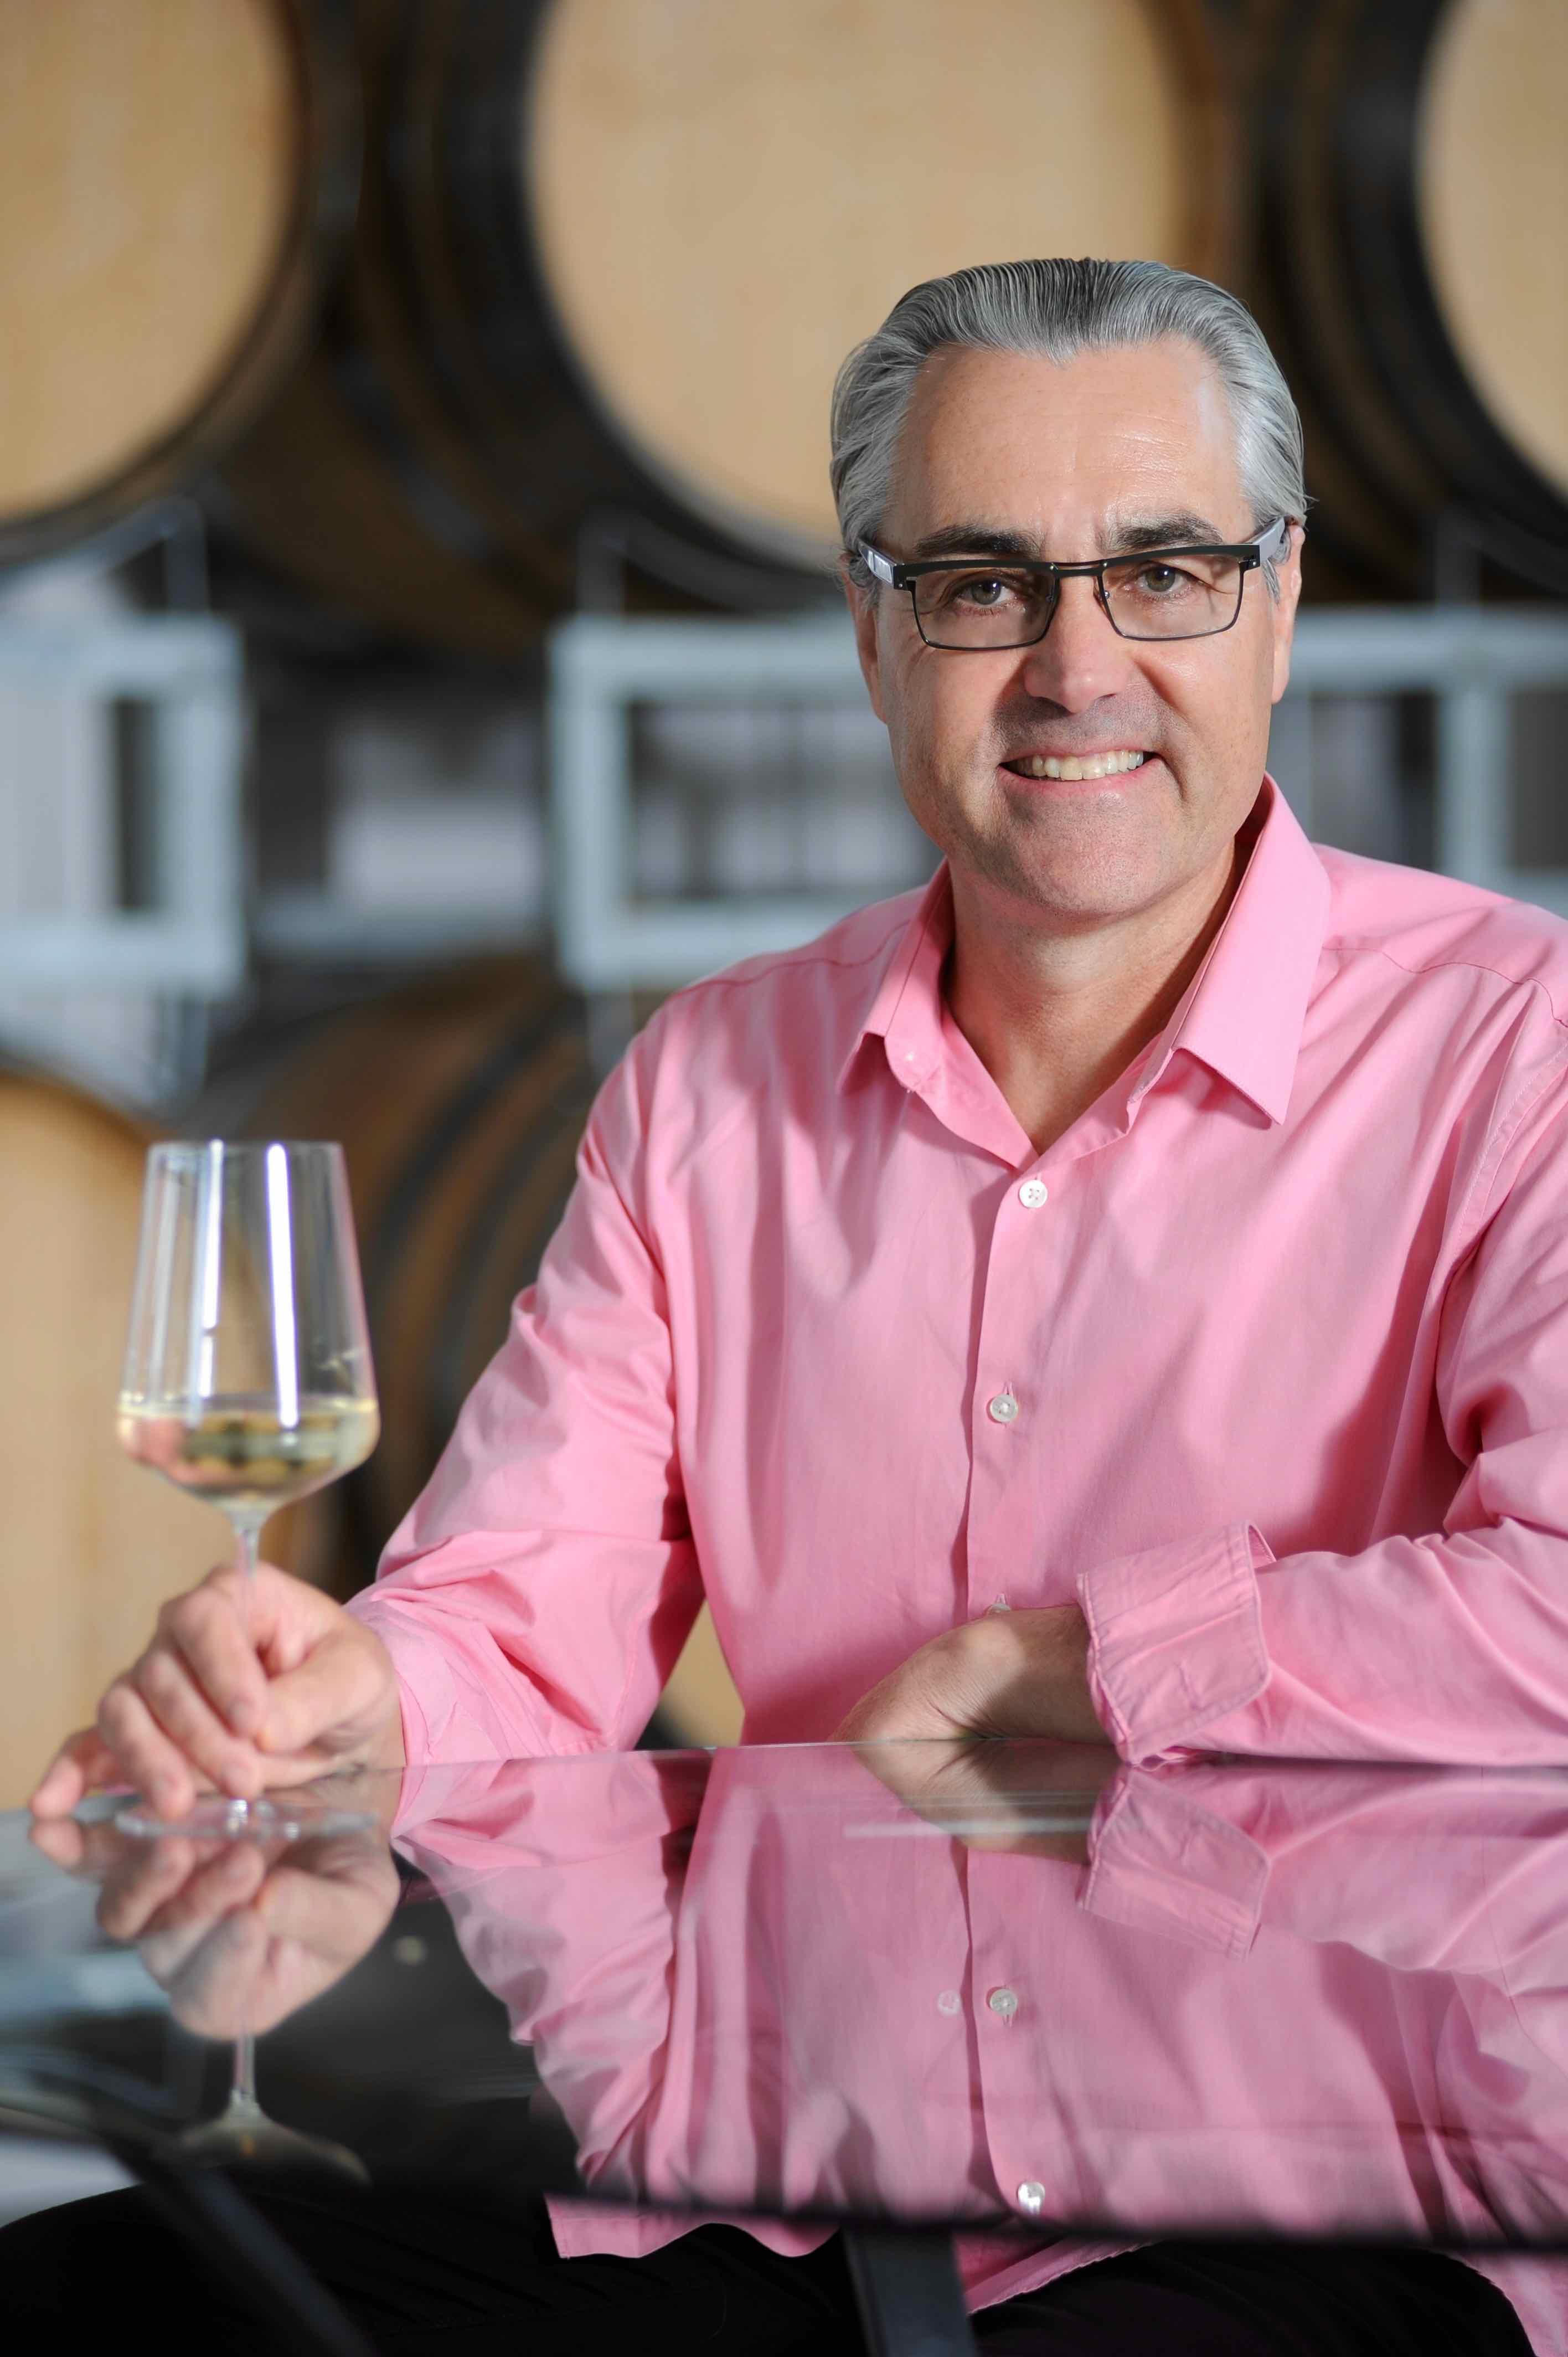 Winemaker John Belsham